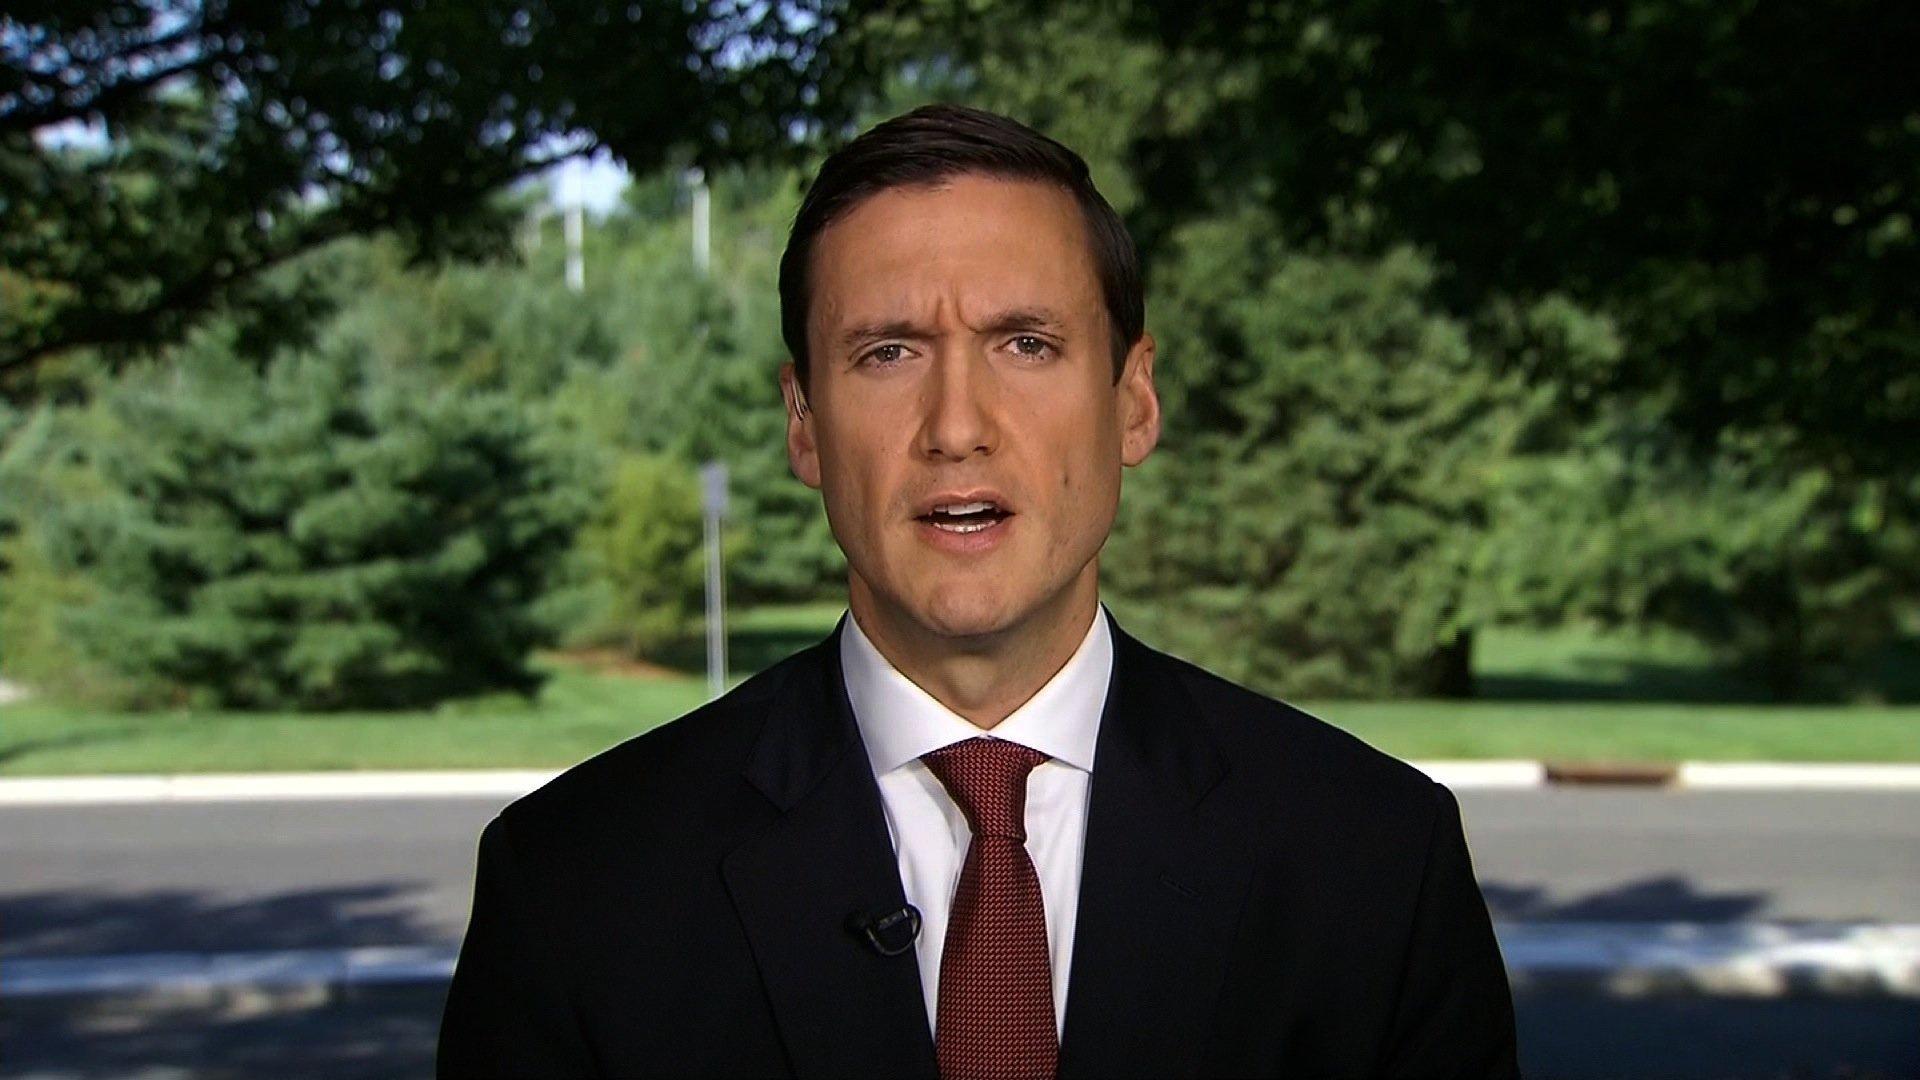 Homeland Security Adviser Tom Bossert Resigns